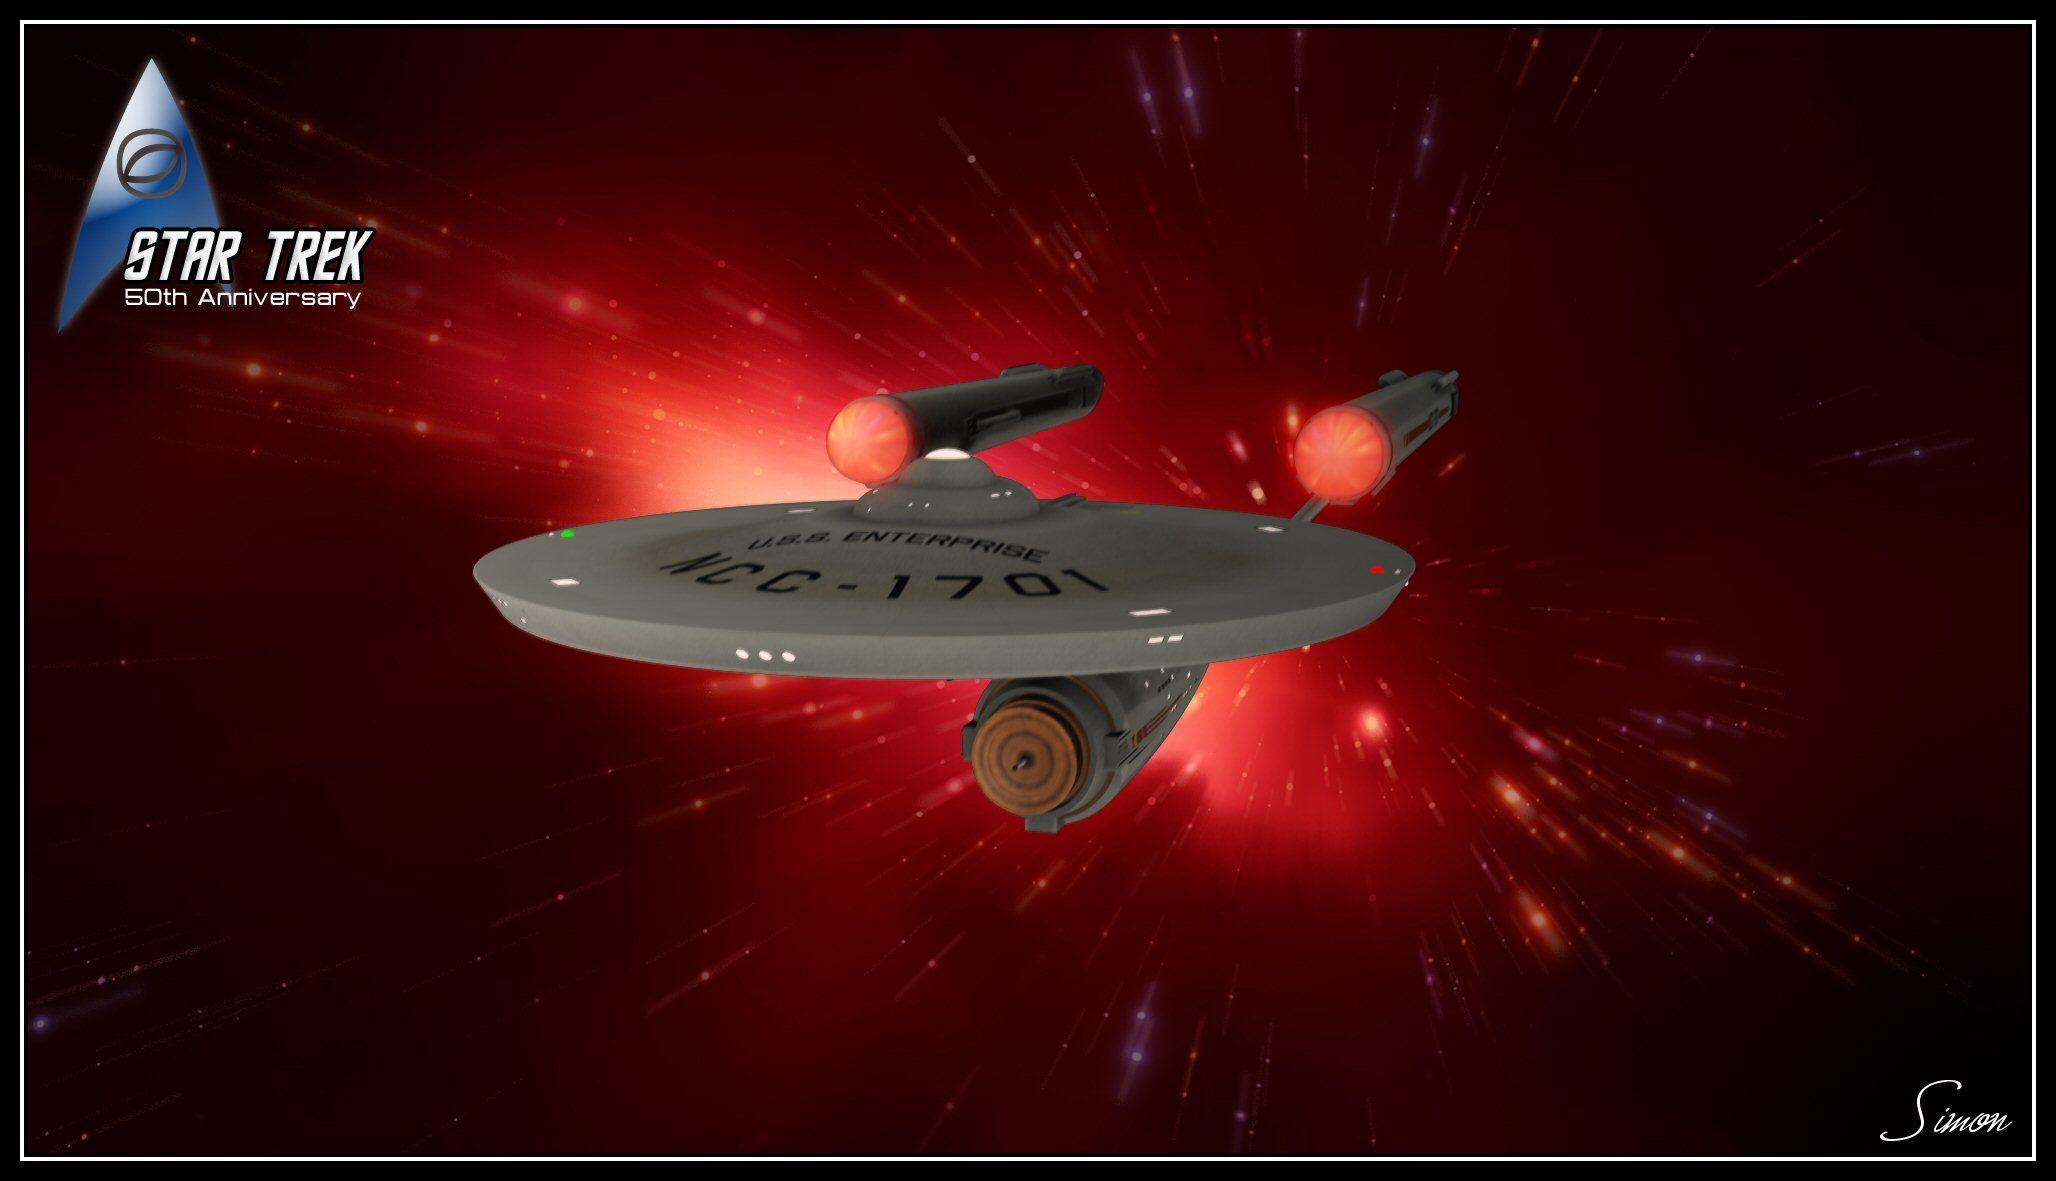 Star Trek - 50th Anniversary - Science by celticarchie.deviantart.com on @deviantART